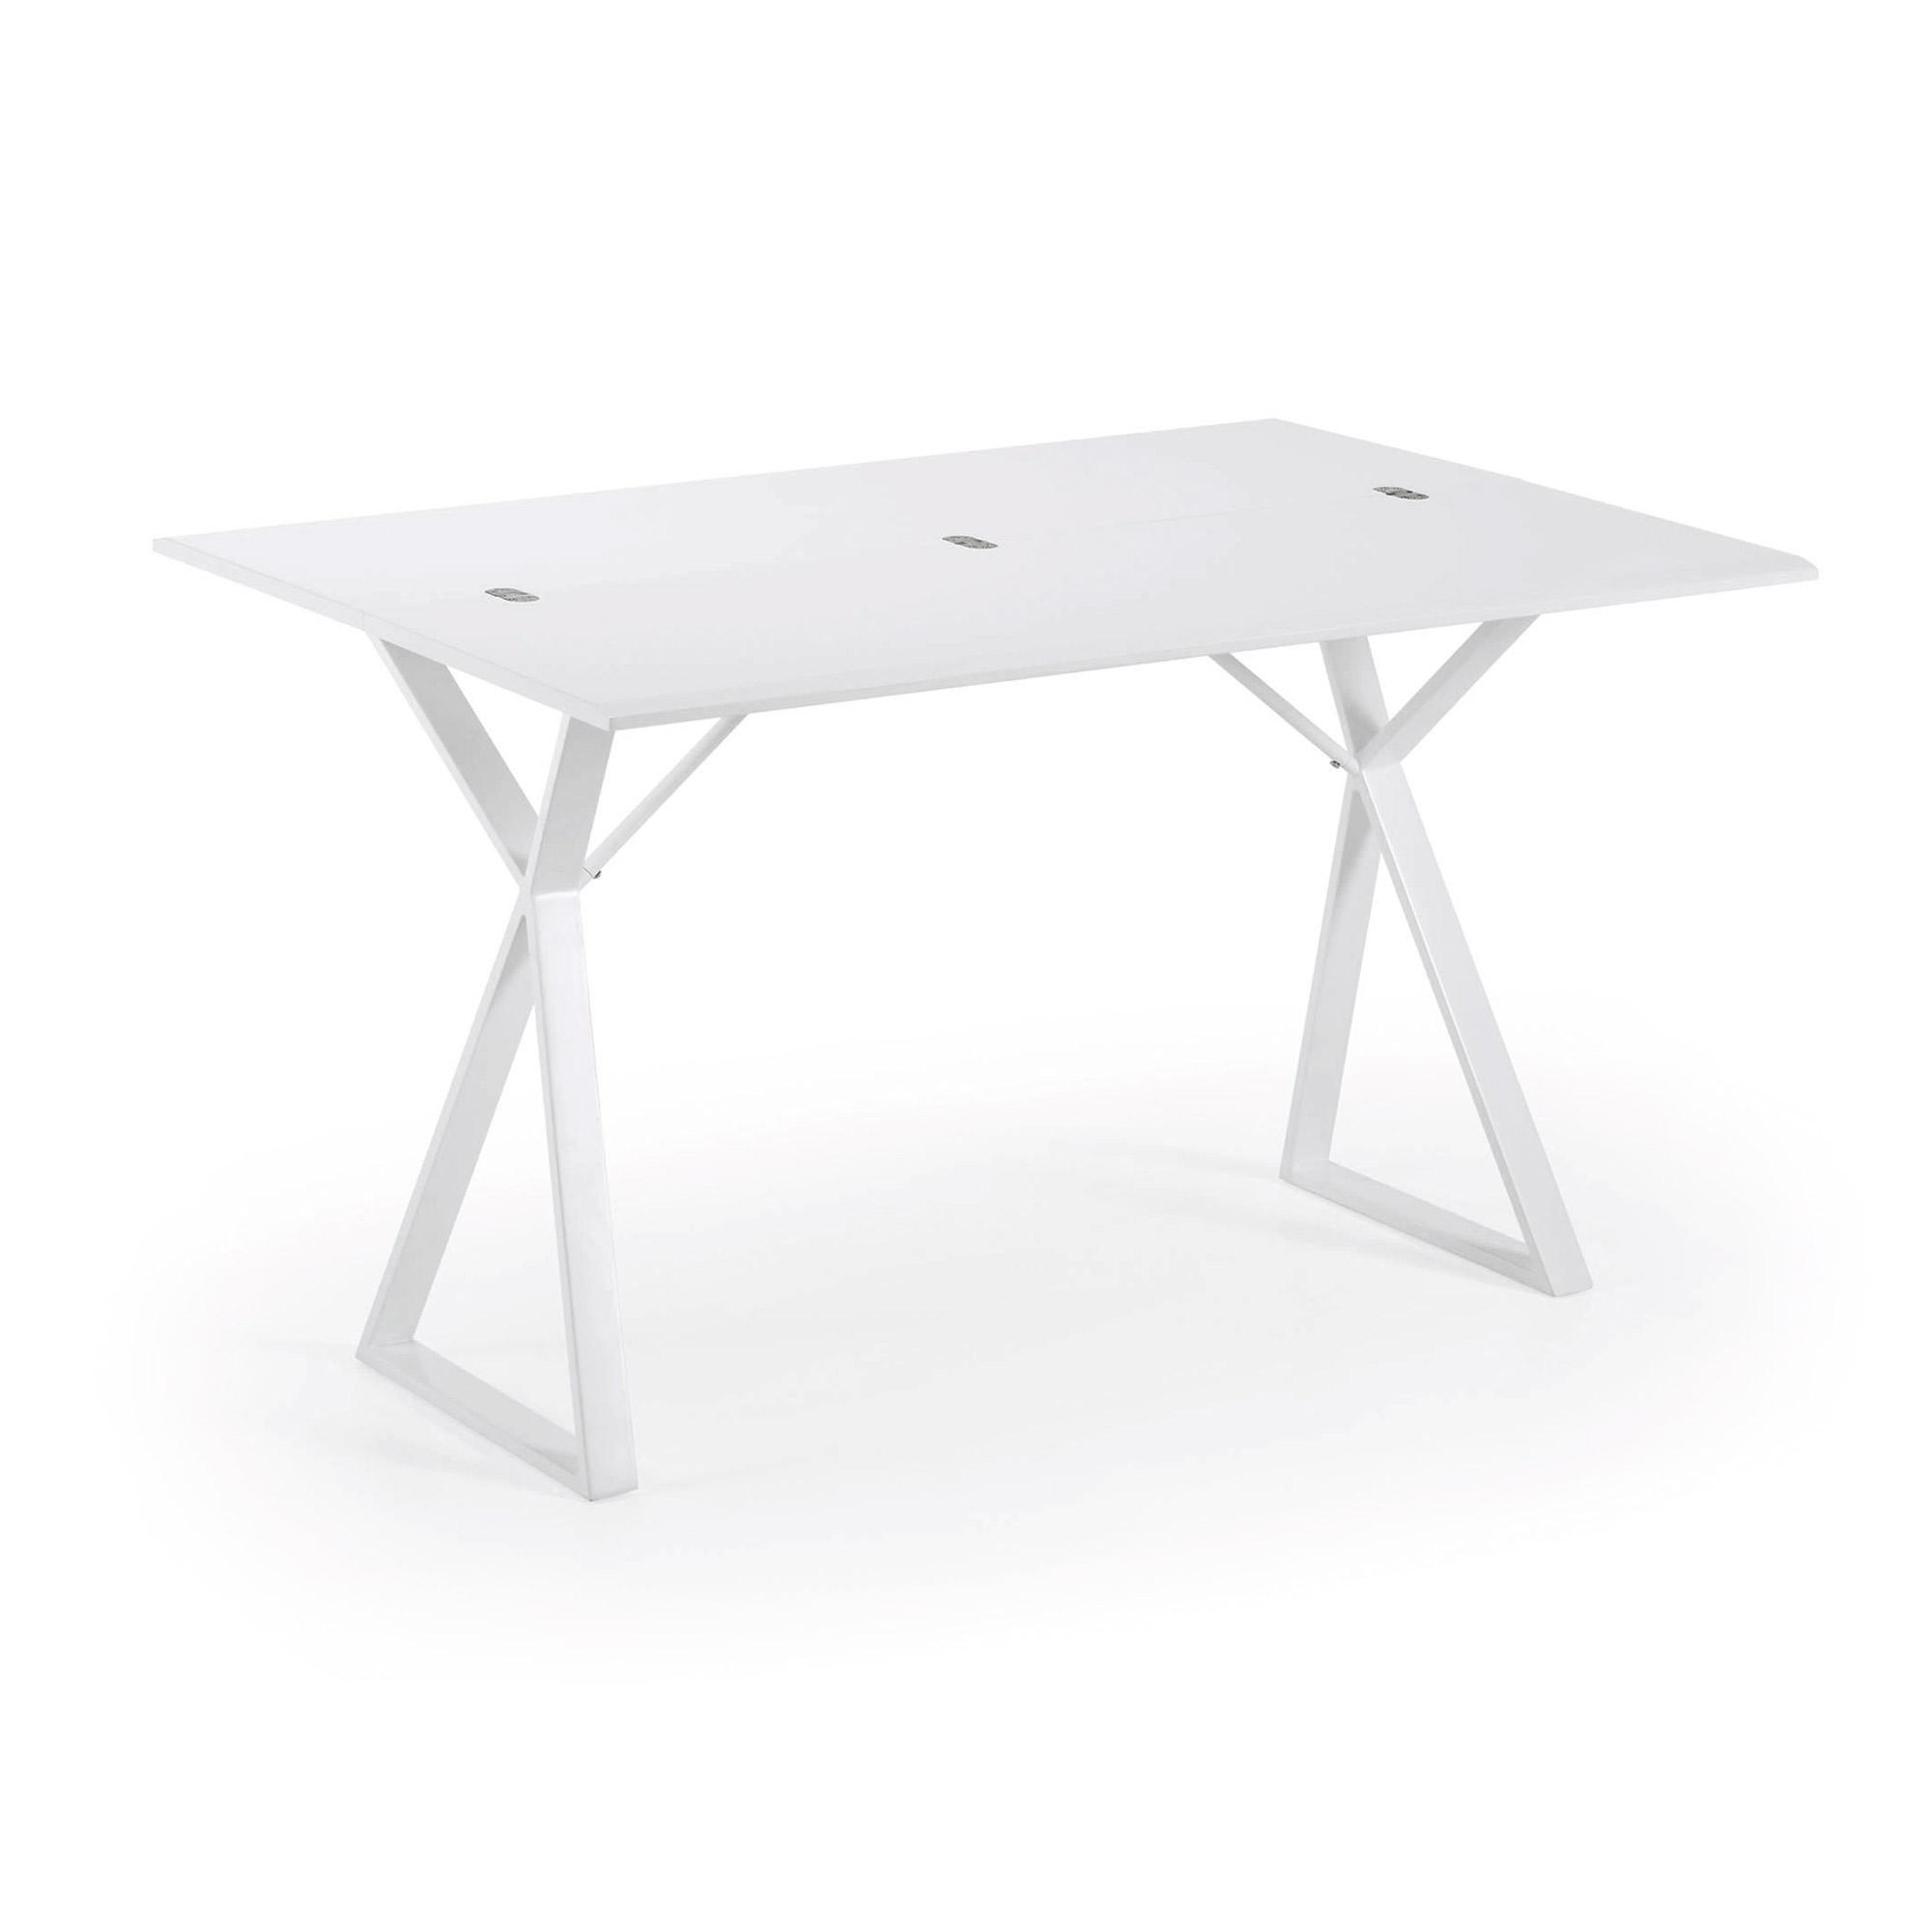 Kave Home Side / Eettafel 'Kita' 130 x 45-90 x 76cm